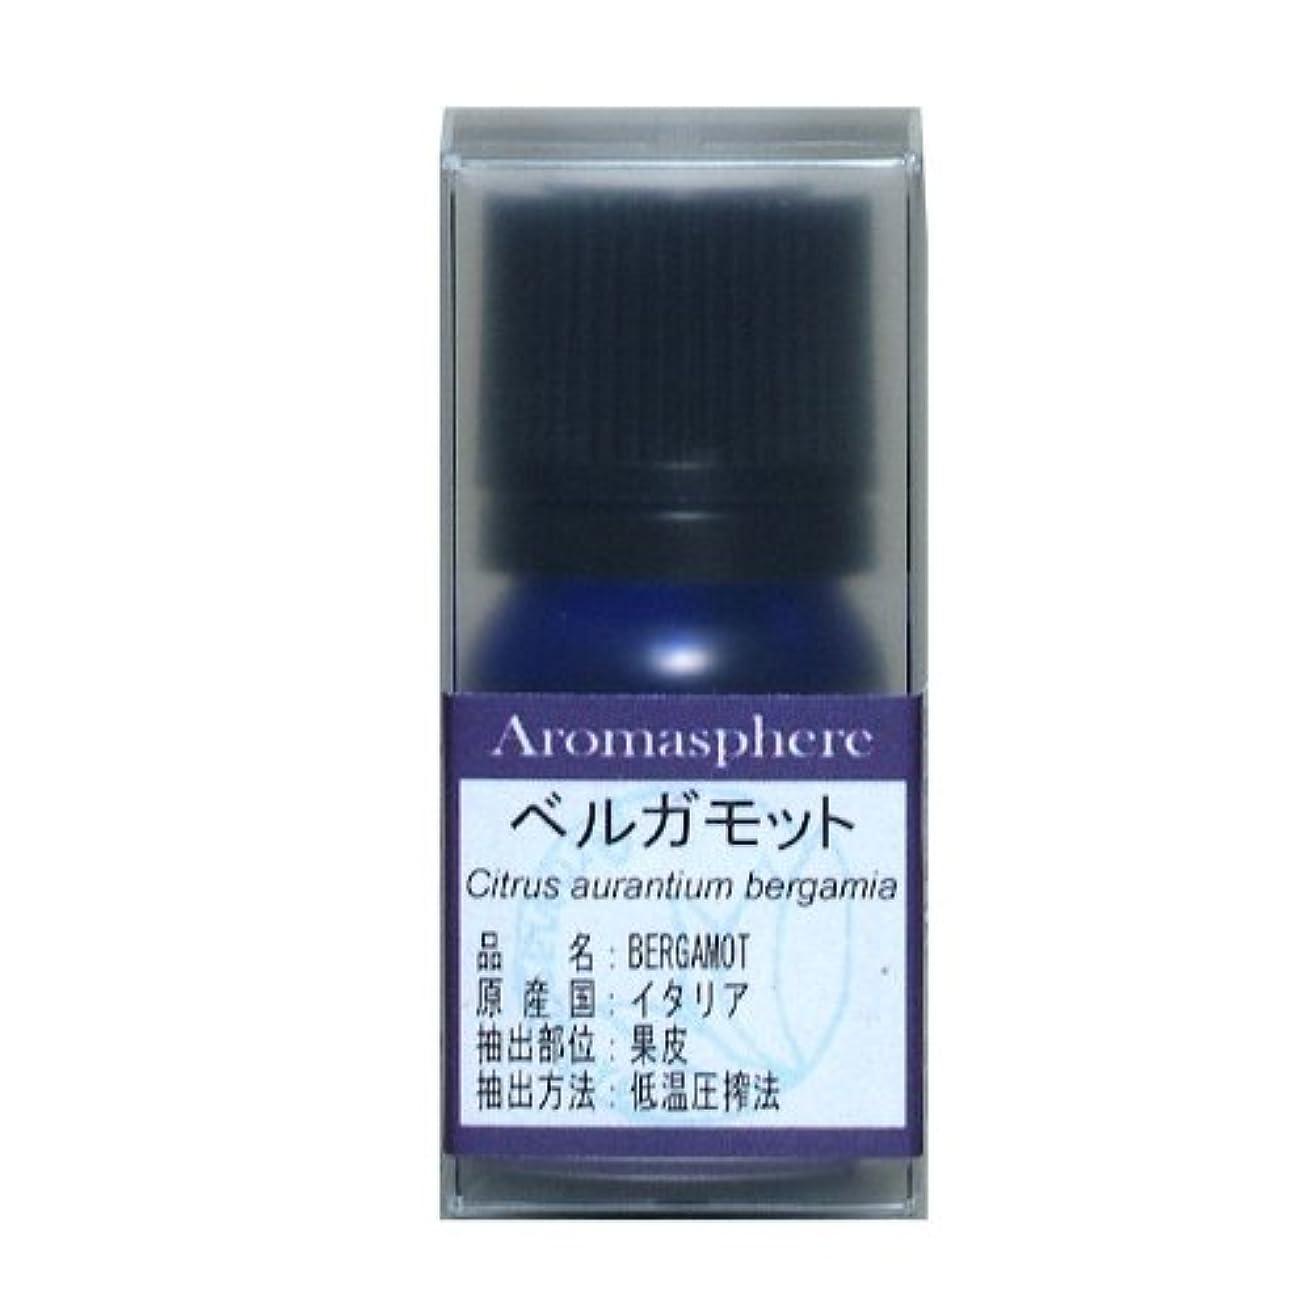 堀夢中放つ【アロマスフィア】ベルガモット 5ml エッセンシャルオイル(精油)